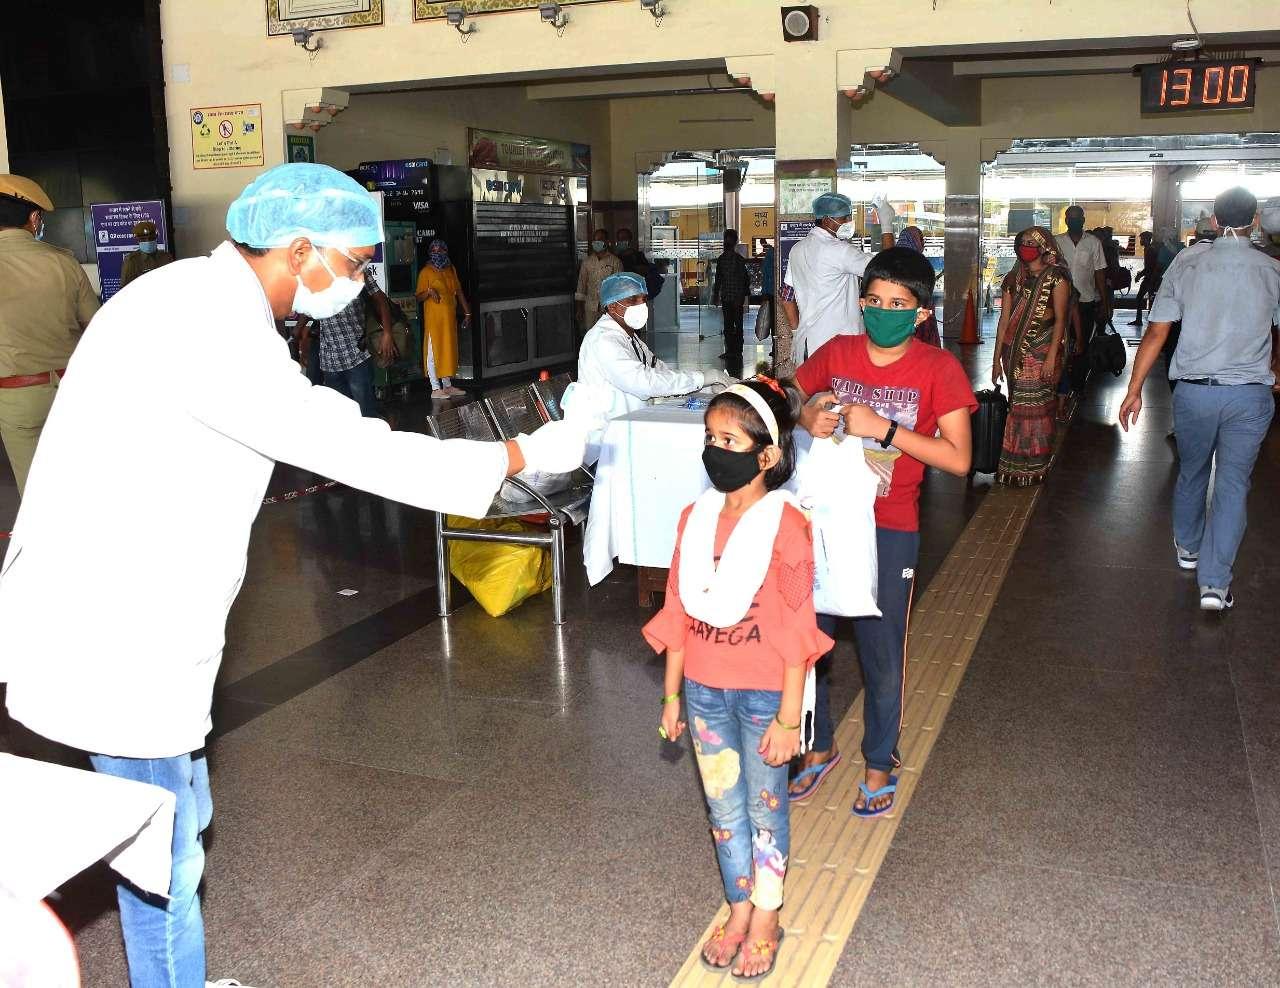 दो ट्रेन में महाराष्ट्र से जयपुर आए 24 सौ प्रवासी